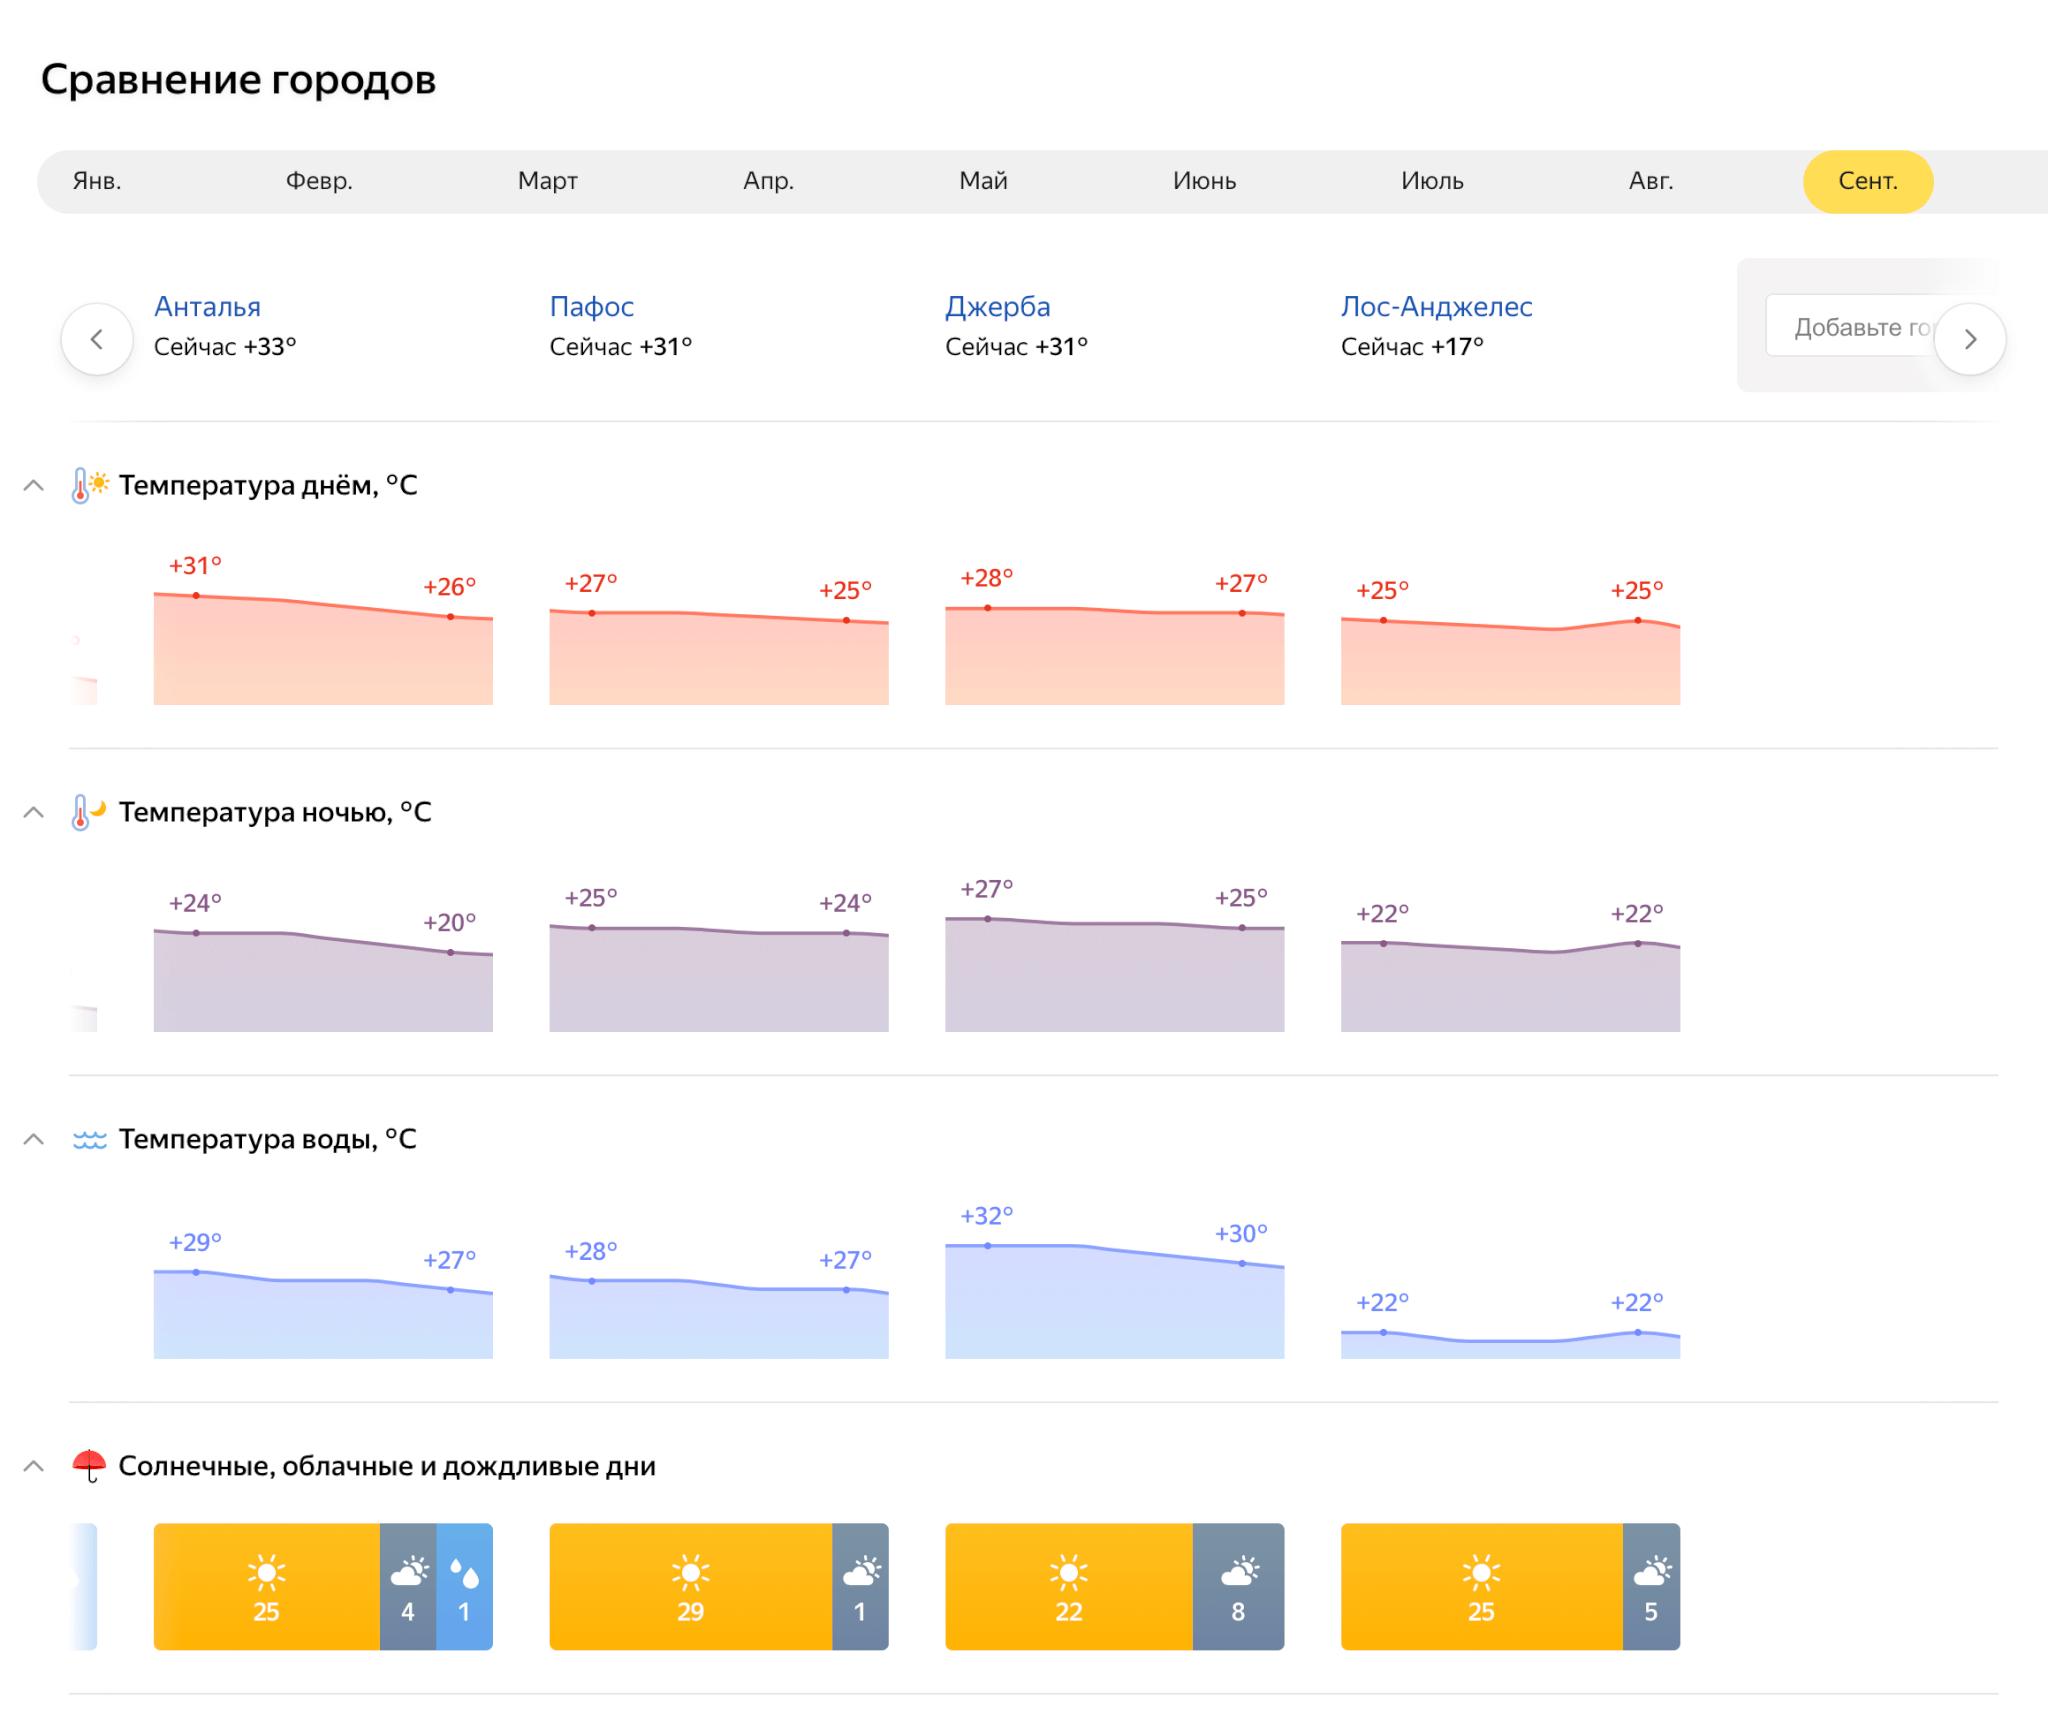 Сравнение городов в Яндекс Погода